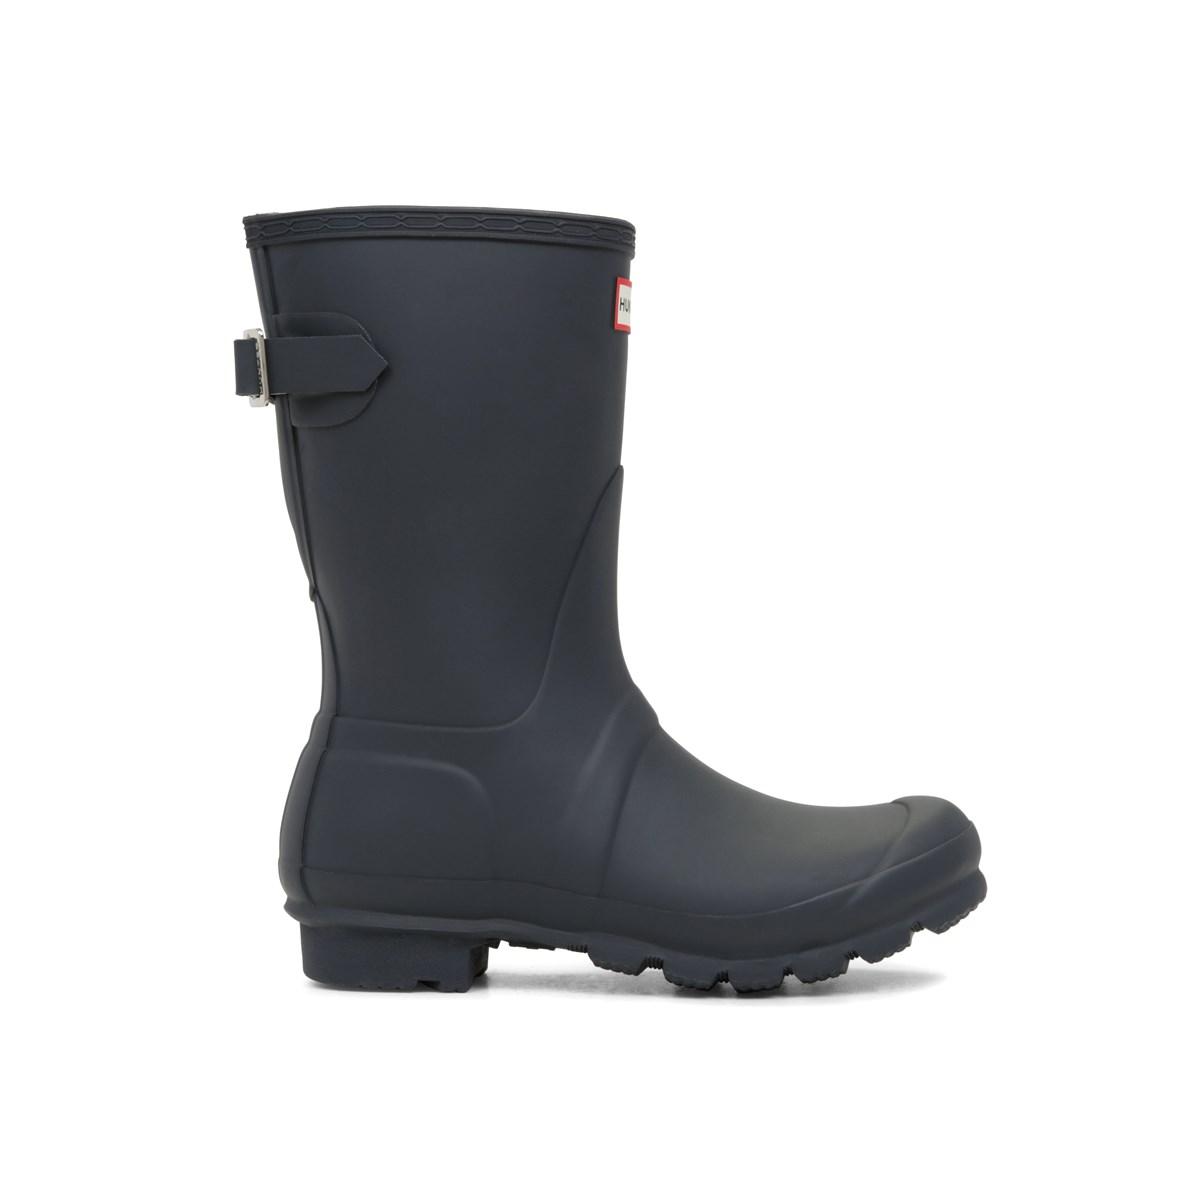 6f59ba5067aa Waterproof Women s Original Short Adjustable Rain Boots in Navy. Previous.  default view ...